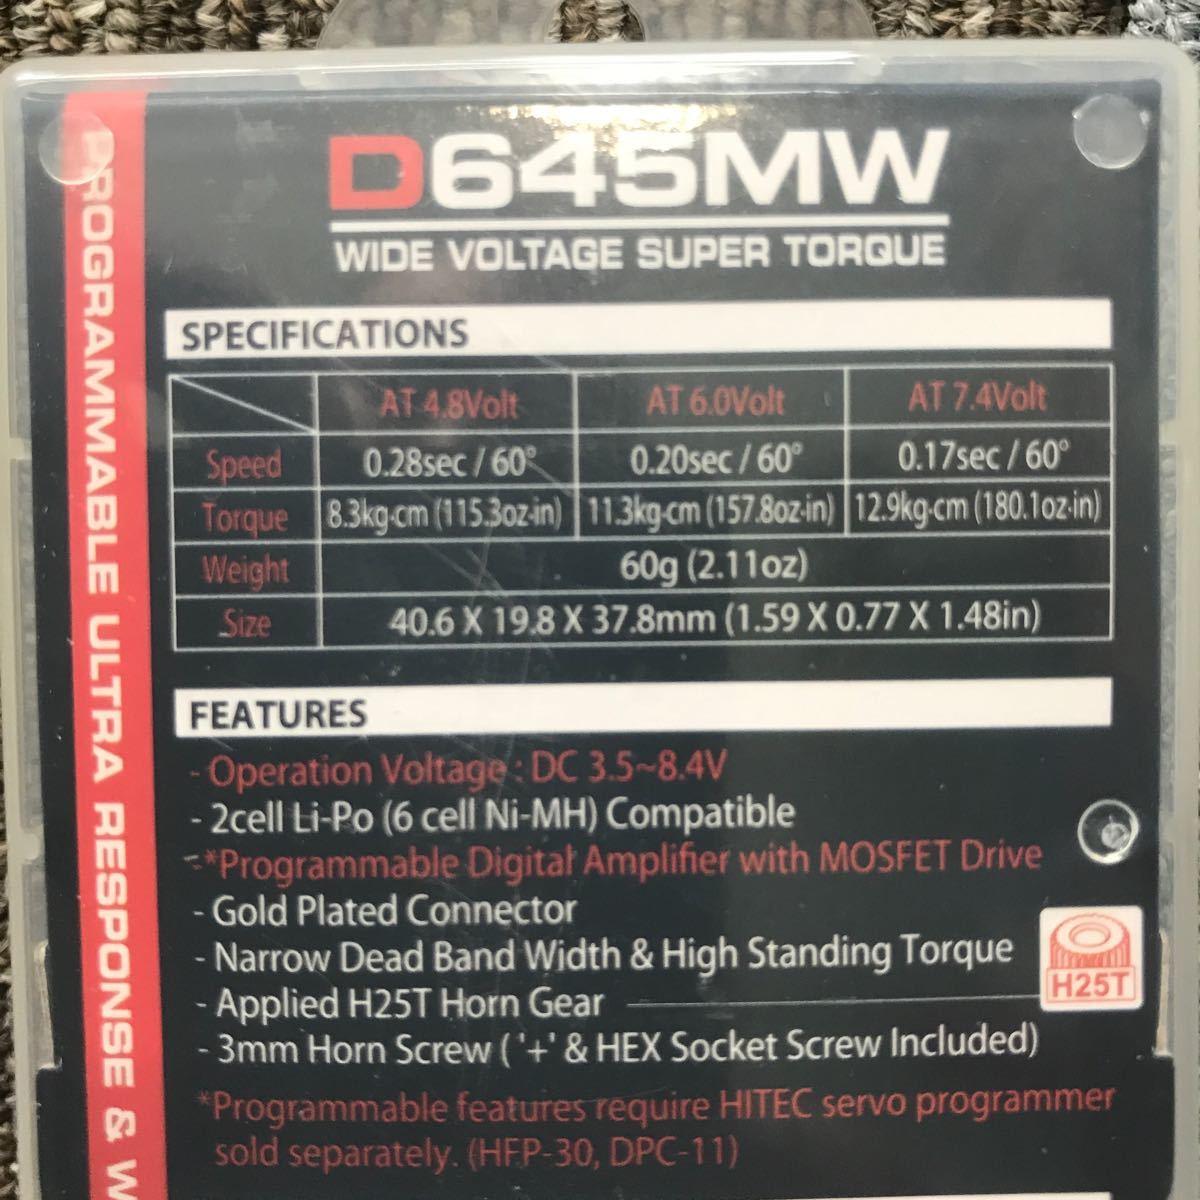 ハイテック HFP-30 D645MW サーボプログラマー&サーボ